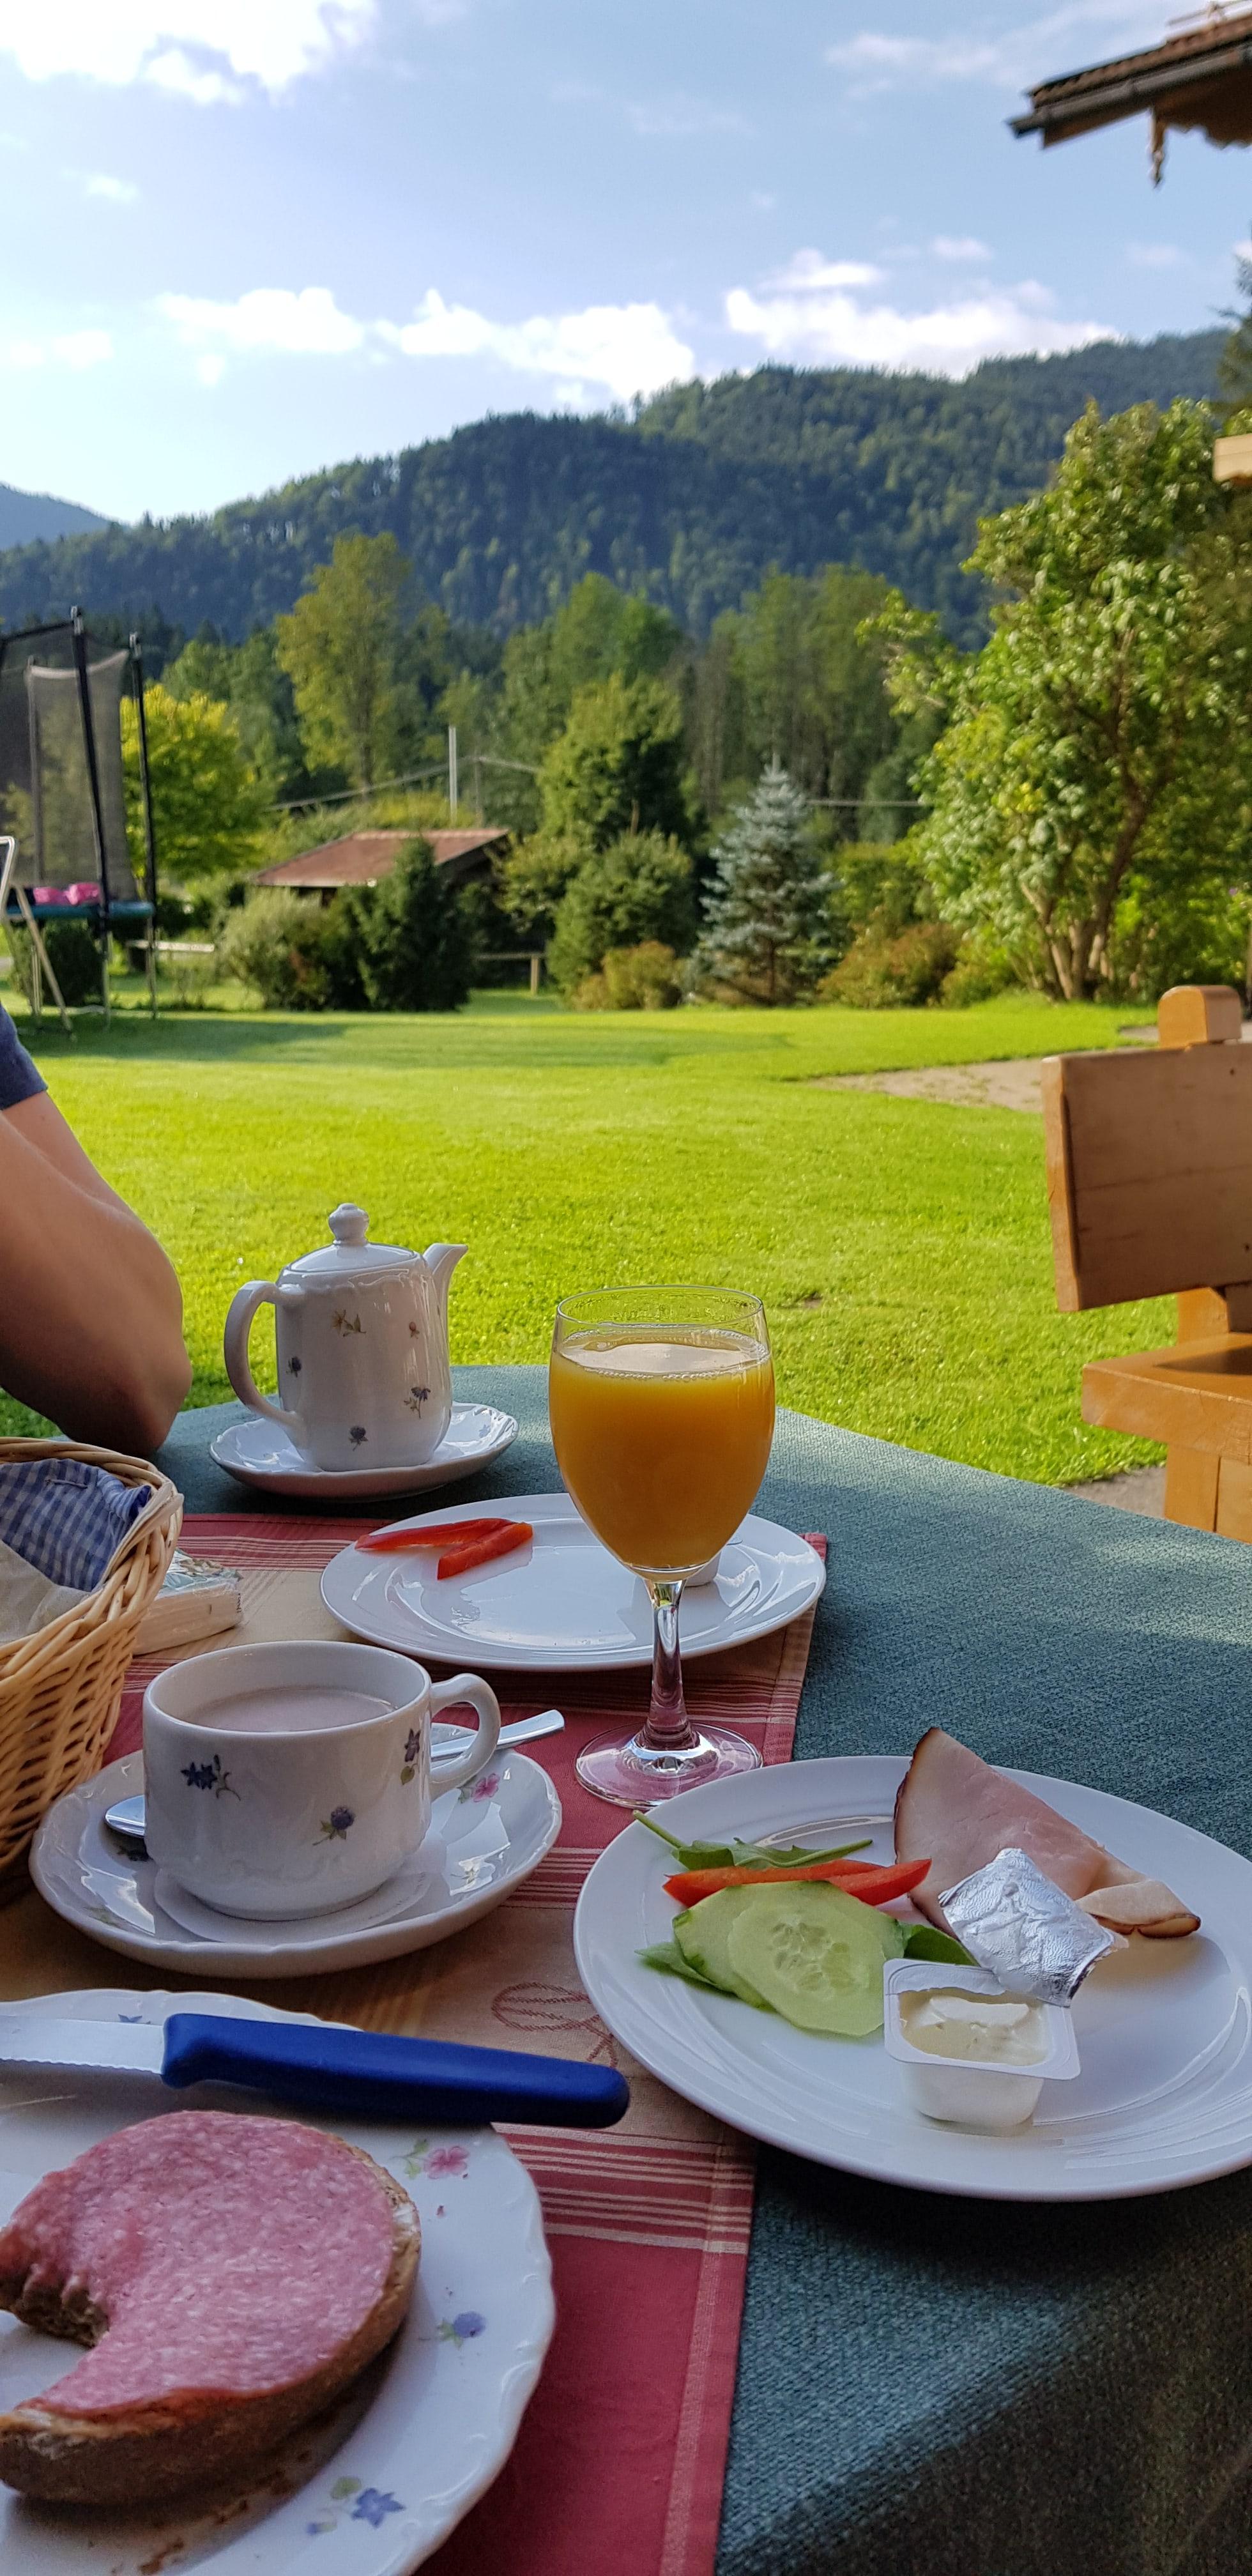 Frühstück im Garten - Stärkung für den Aufstieg auf die Hochalm